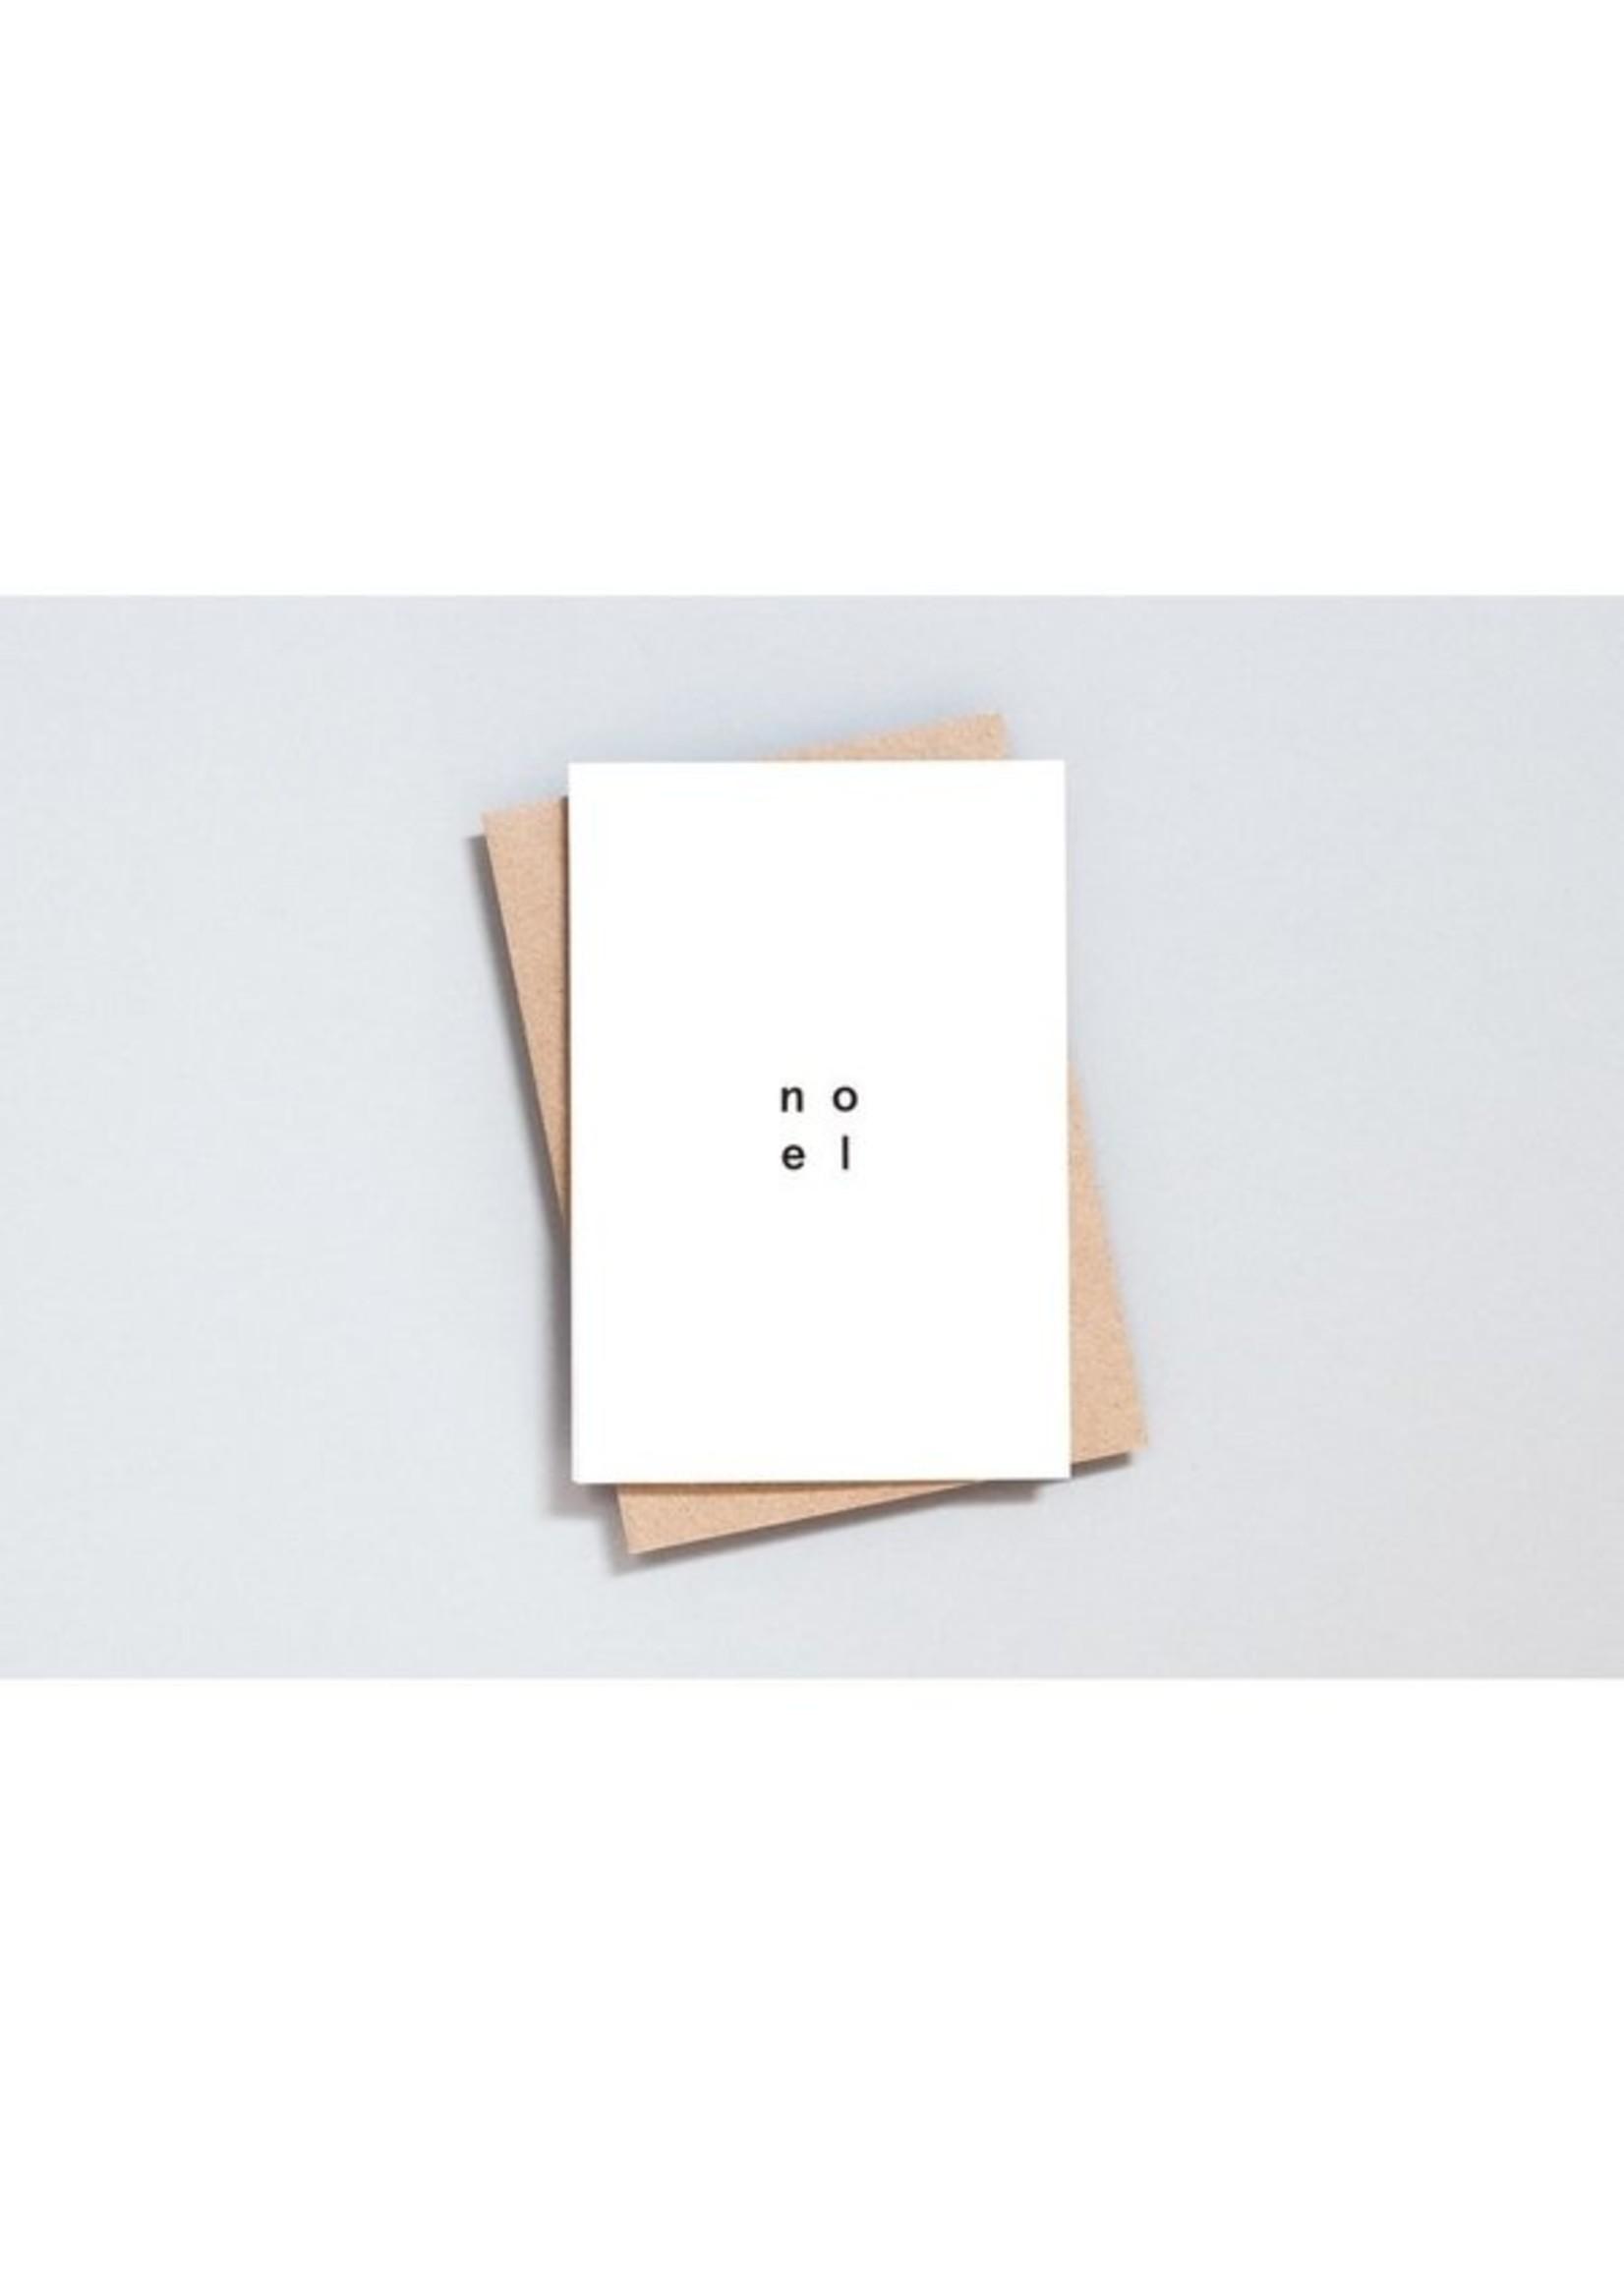 Ola Ola Foil Blocked Card, Noel Print in Natural/Black